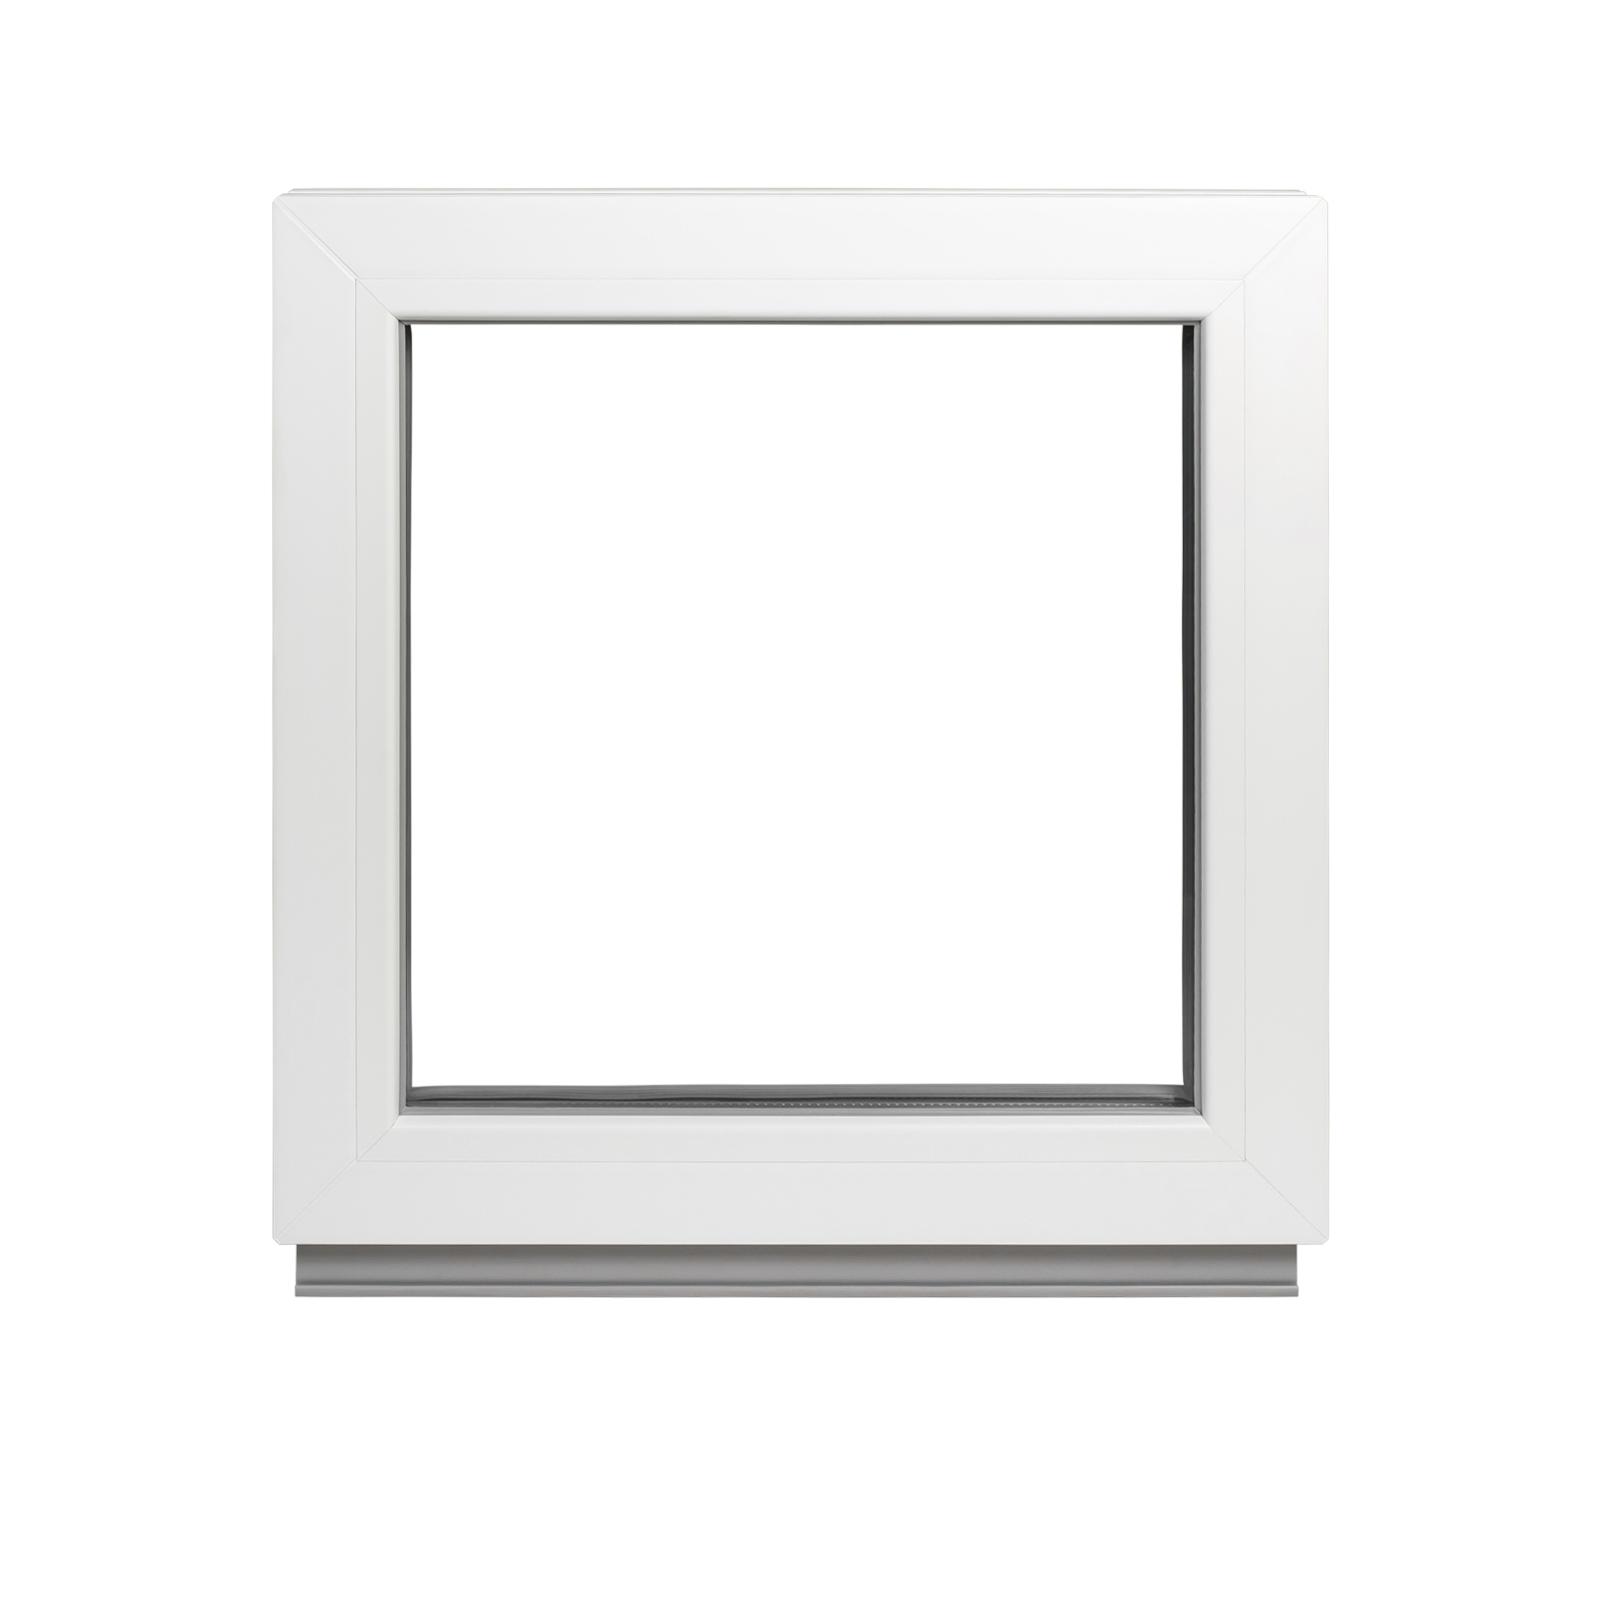 Festverglasung Fib 2 Oder 3 Fach Verglasung Breiten 85 120 Cm